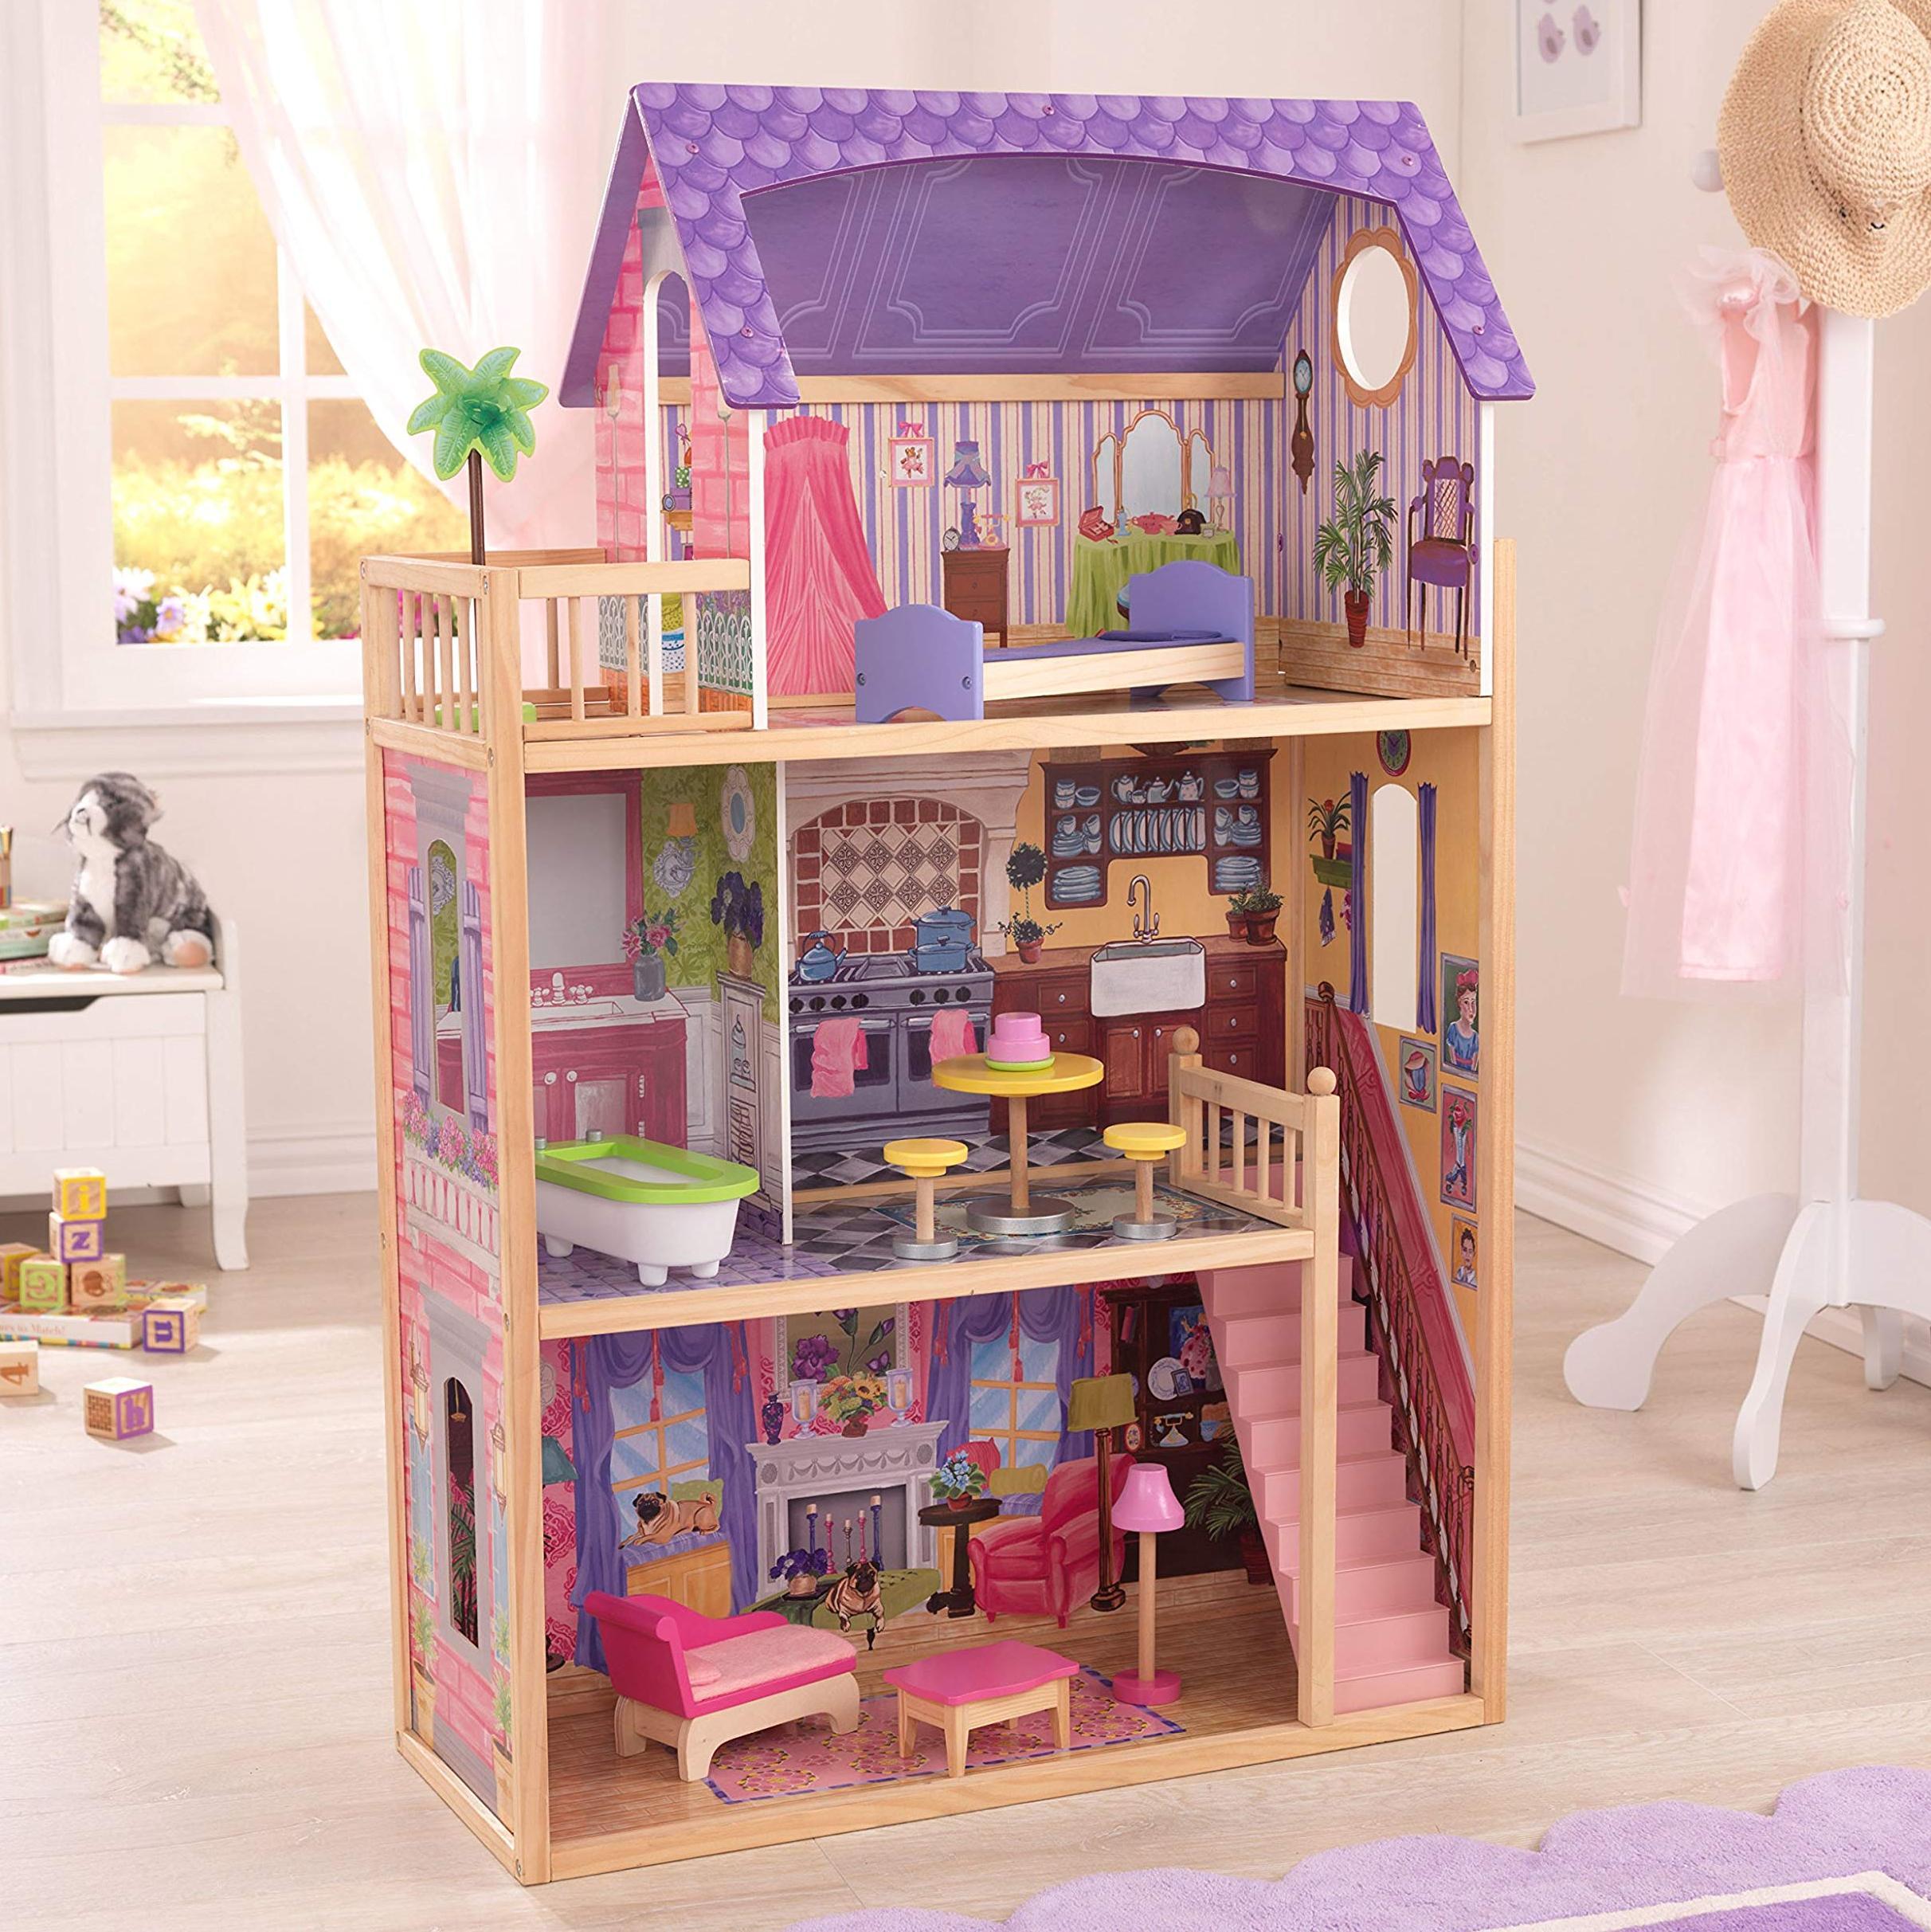 вскоре смотреть картинки кукольные домики конце предлагаем